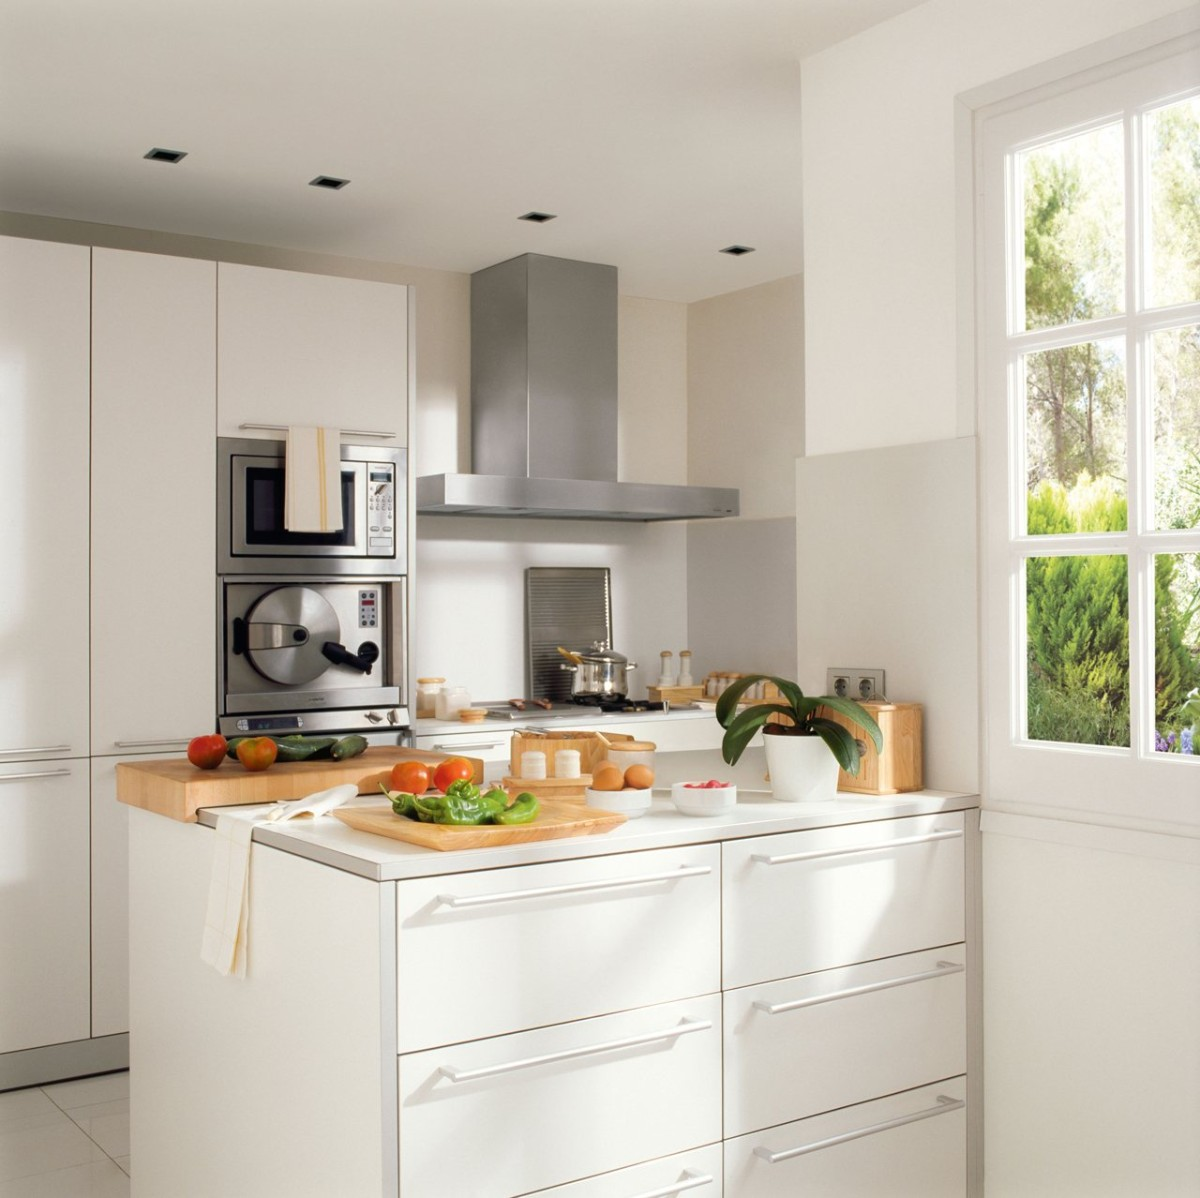 дизайн малогабаритной кухни в минималистическом стиле